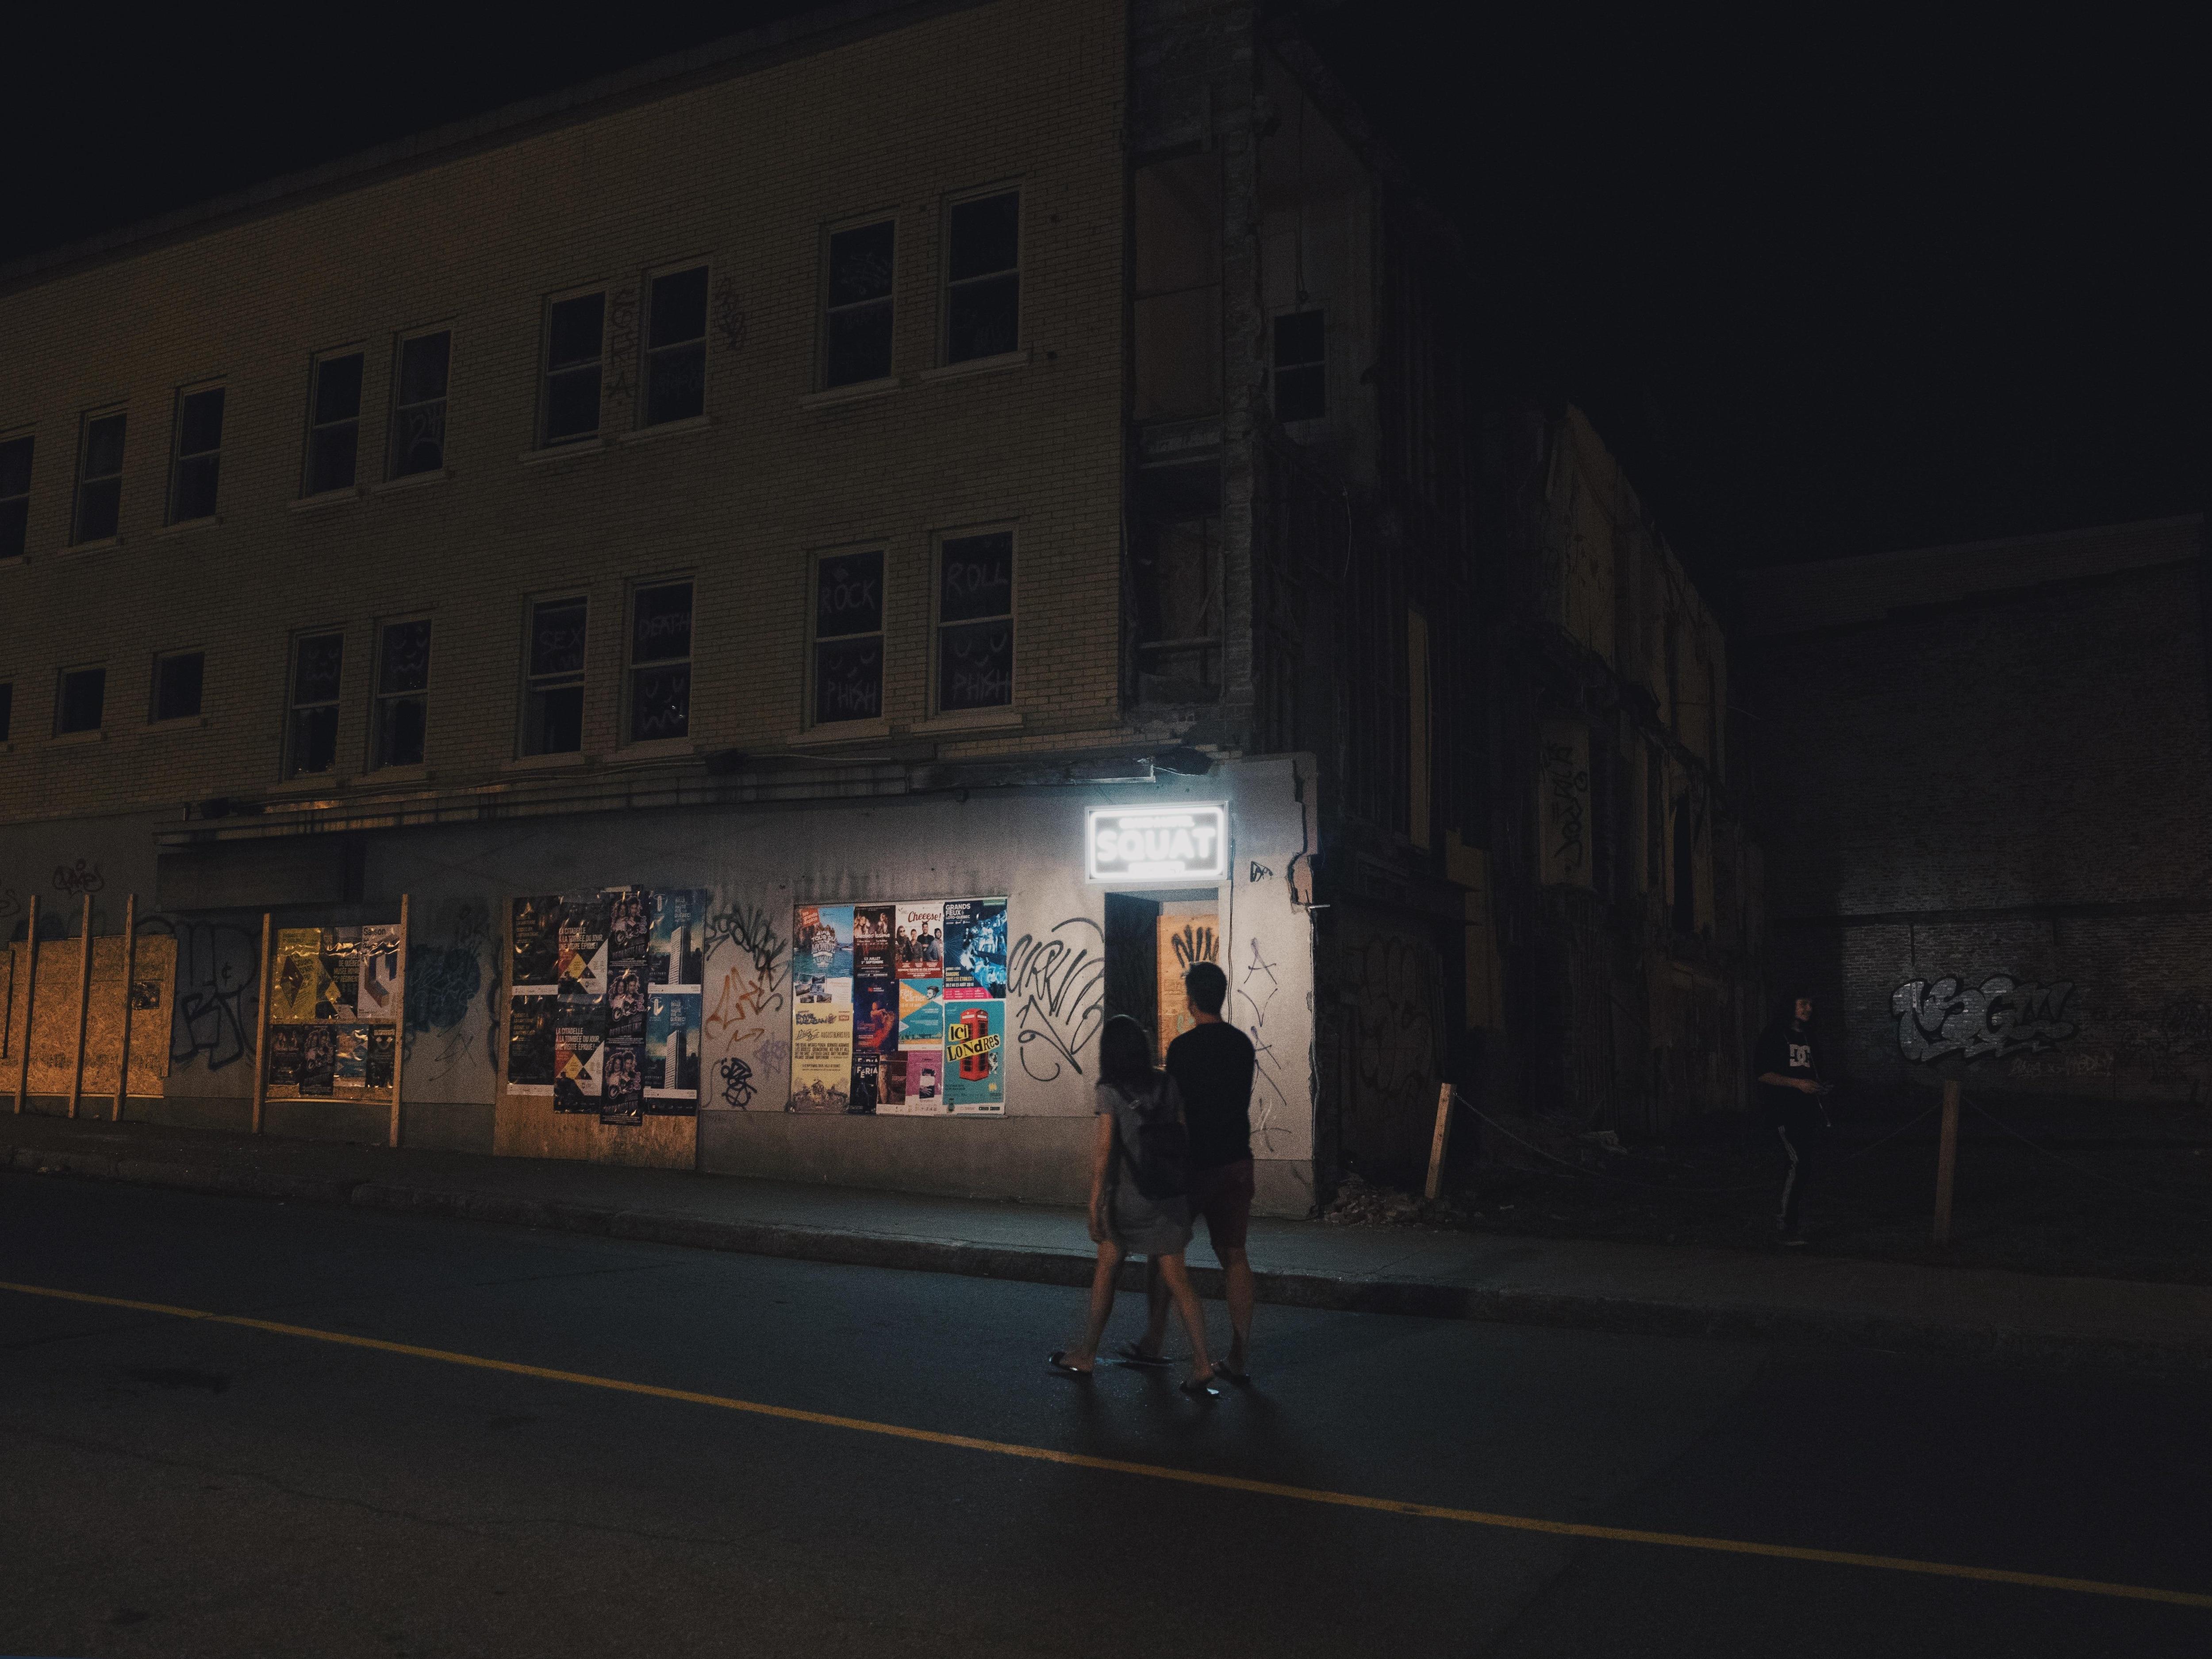 Deux passants marchent dans la rue een contemplant l'oeuvre.